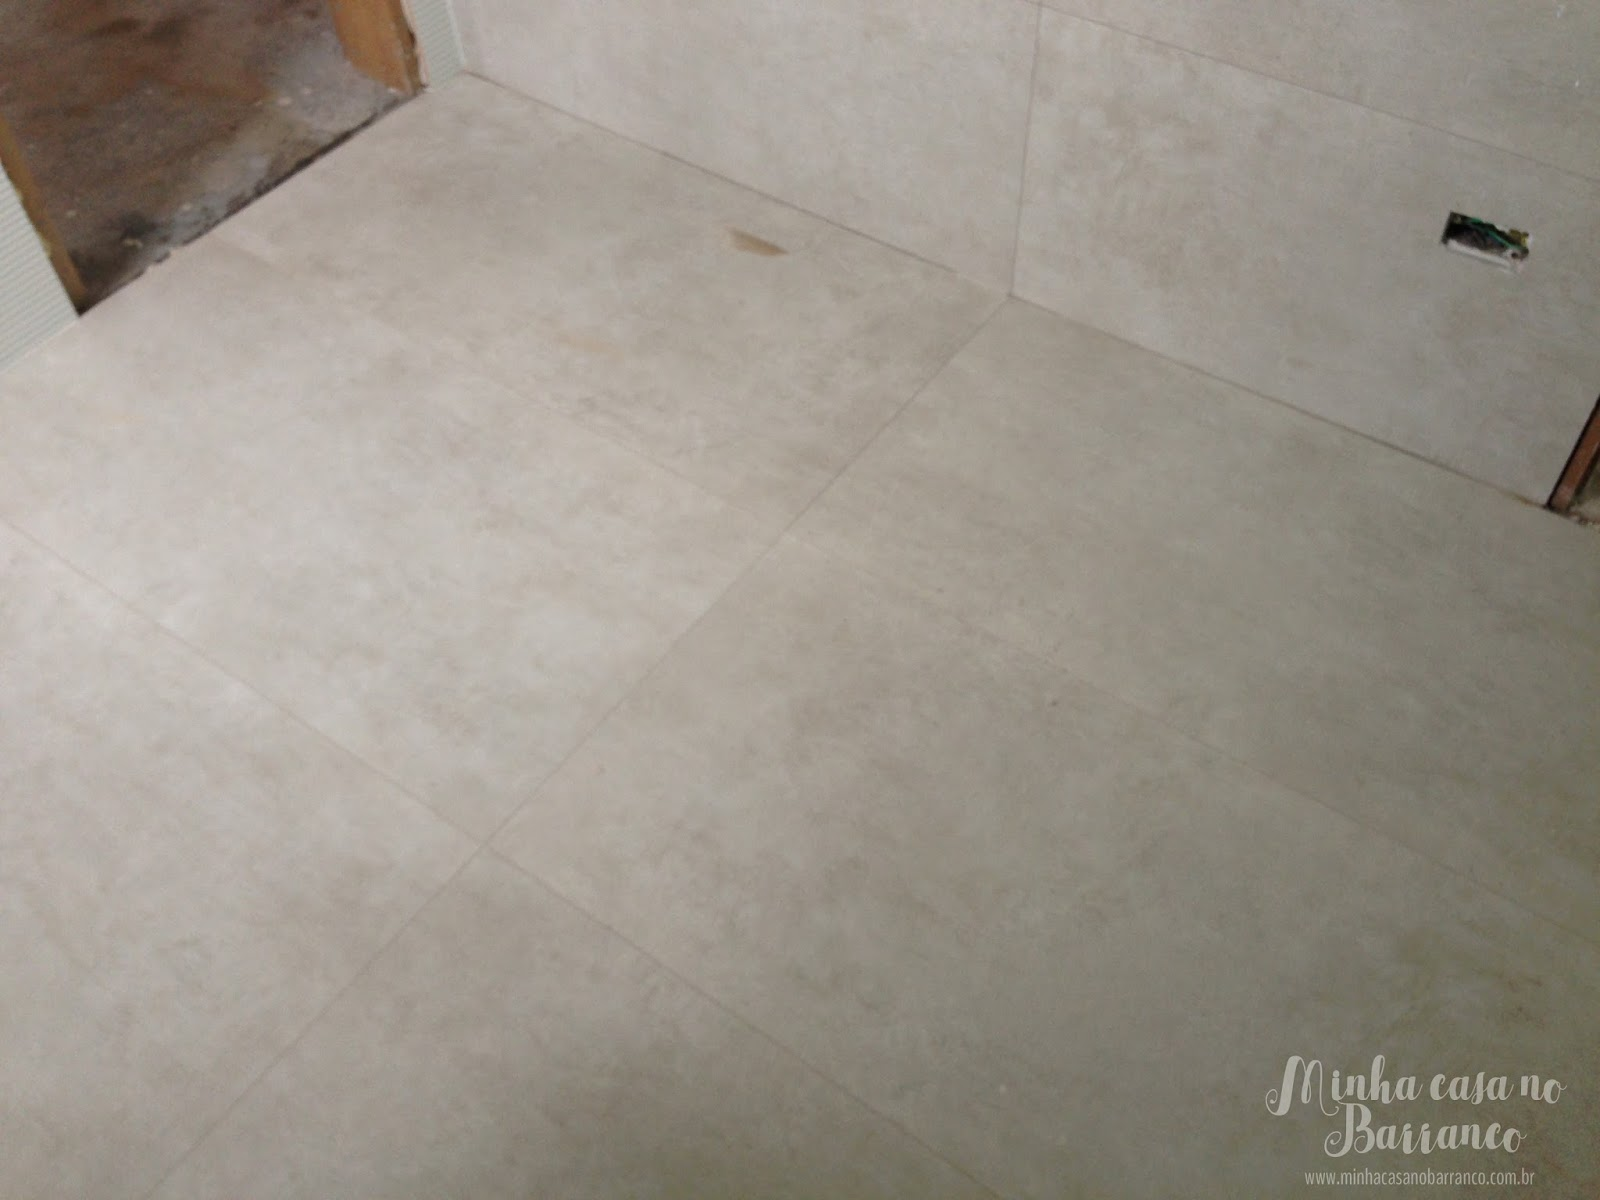 Imagens de #5E4A3C Bem Vindo 2017!!! A Suíte Master Minha Casa no Barranco 1600x1200 px 2776 Box Banheiro Nh